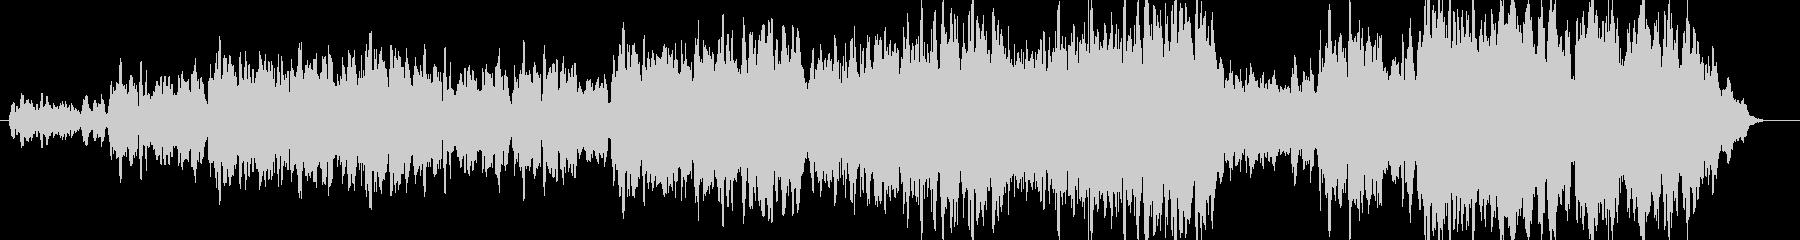 コーラスが中心の曲の未再生の波形